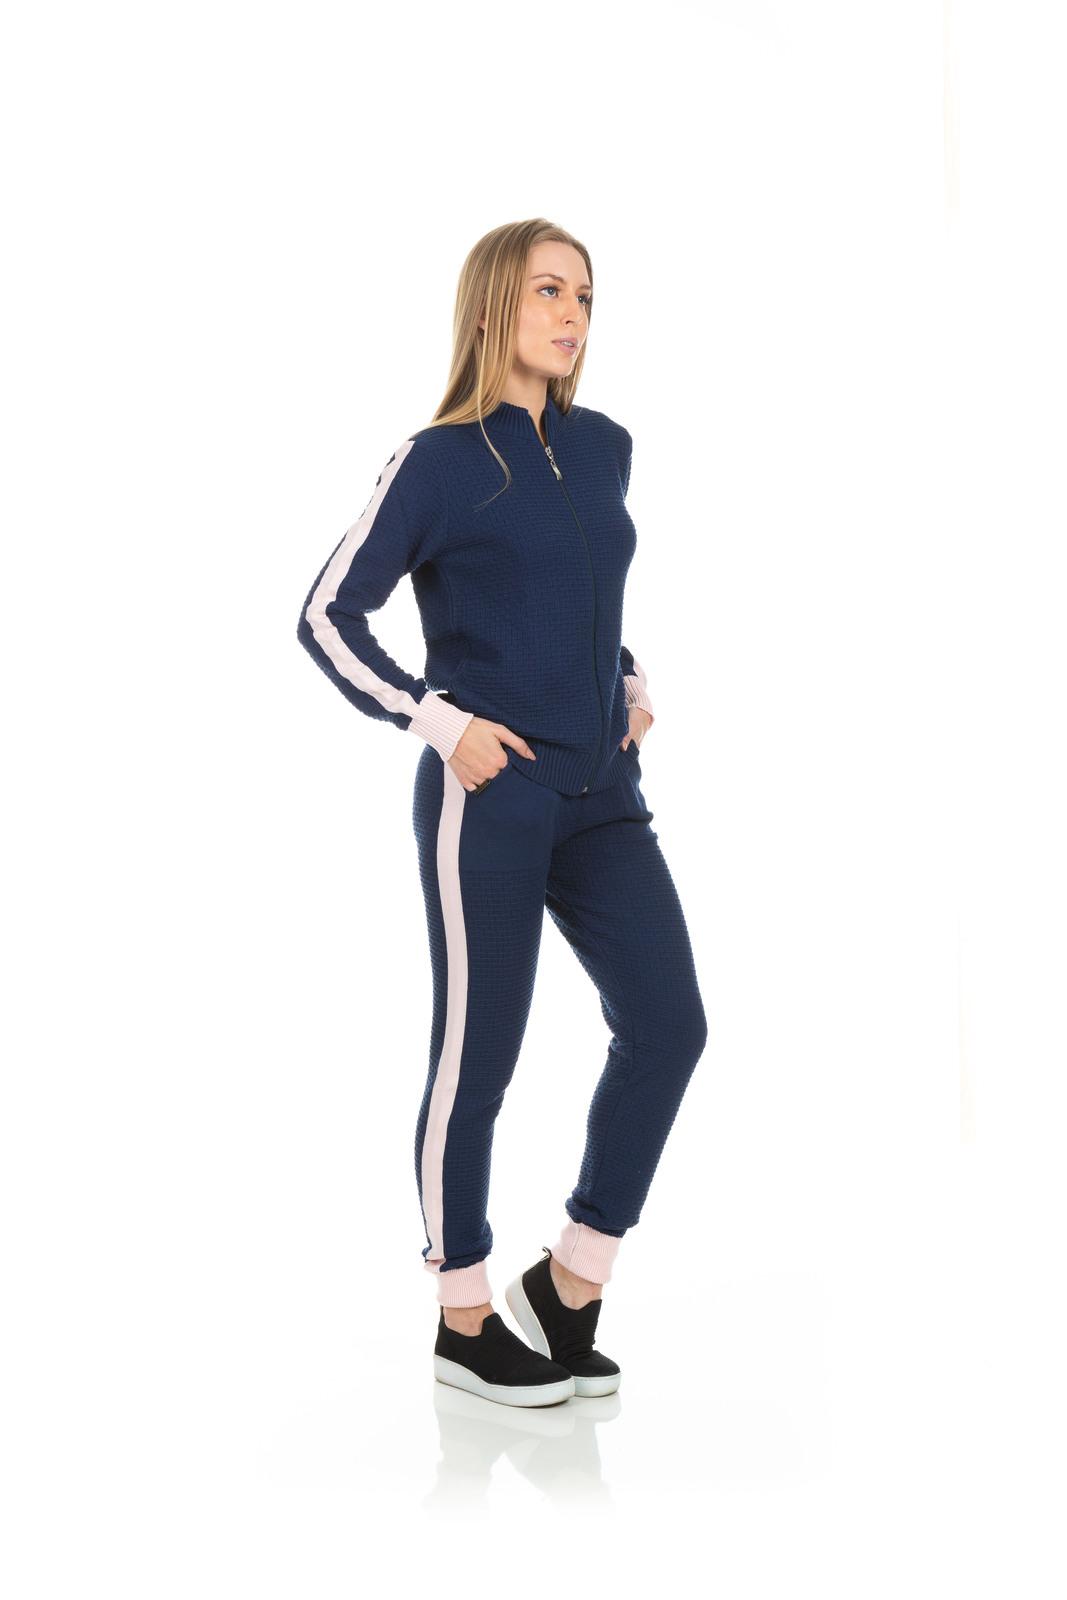 Jaqueta Dioxes em trico com ziper e detalhe na manga